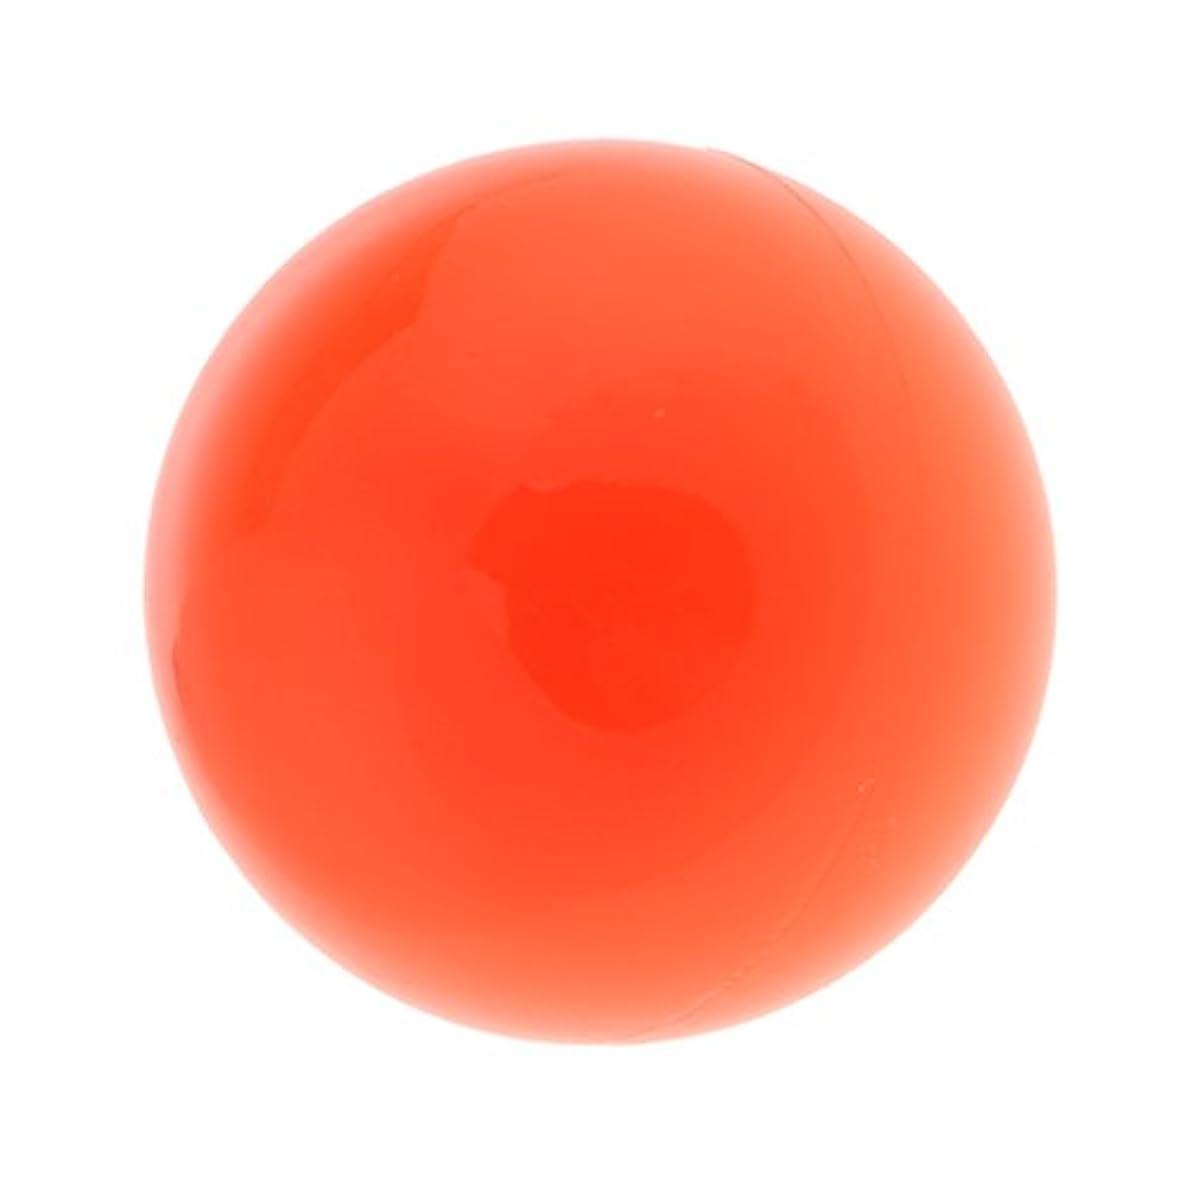 までブラウズ土器dailymall ジムホームエクササイズマッスルエクササイズフィットネスワークアウト用ソフトマッサージボール